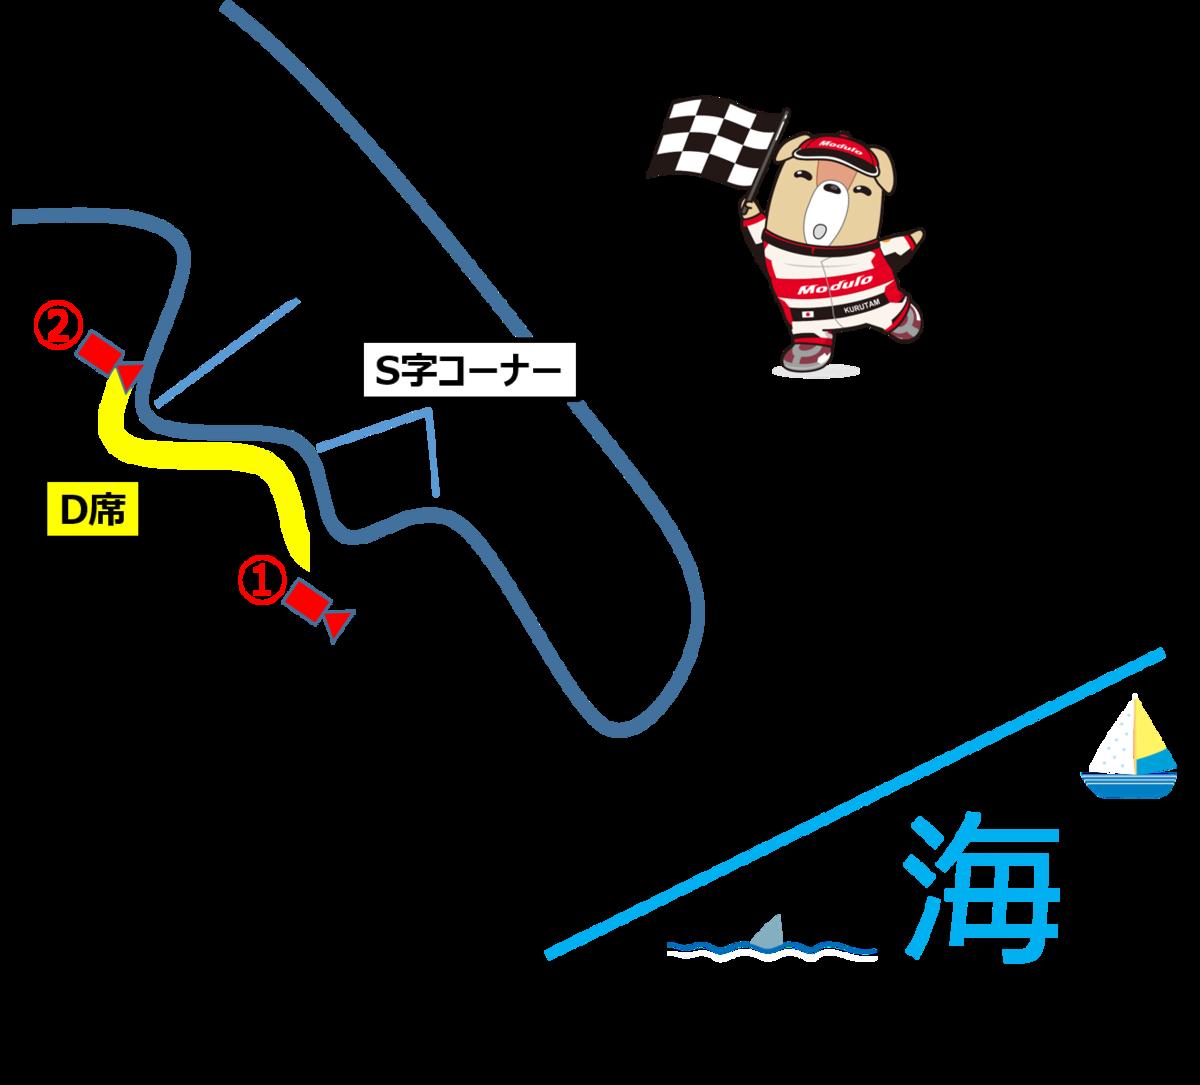 鈴鹿サーキットの絶景写真撮影スポット